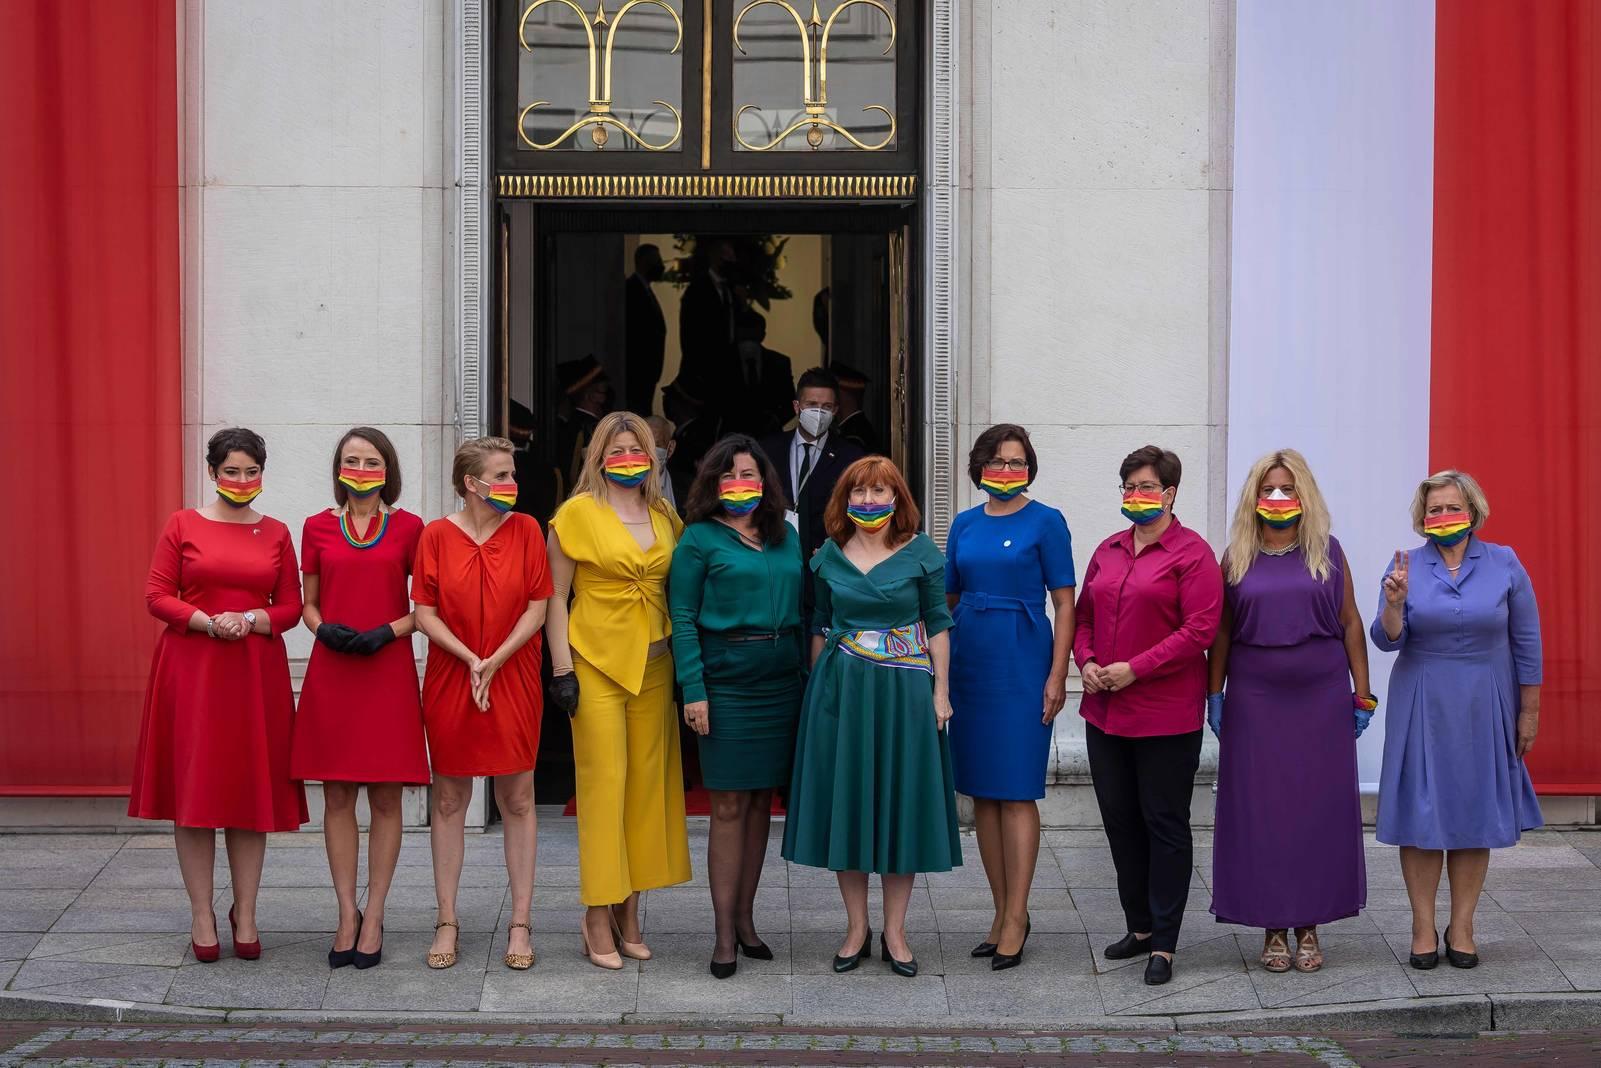 Polen: Opposition trägt Regenbogenfarben zur Vereidigung Dudas